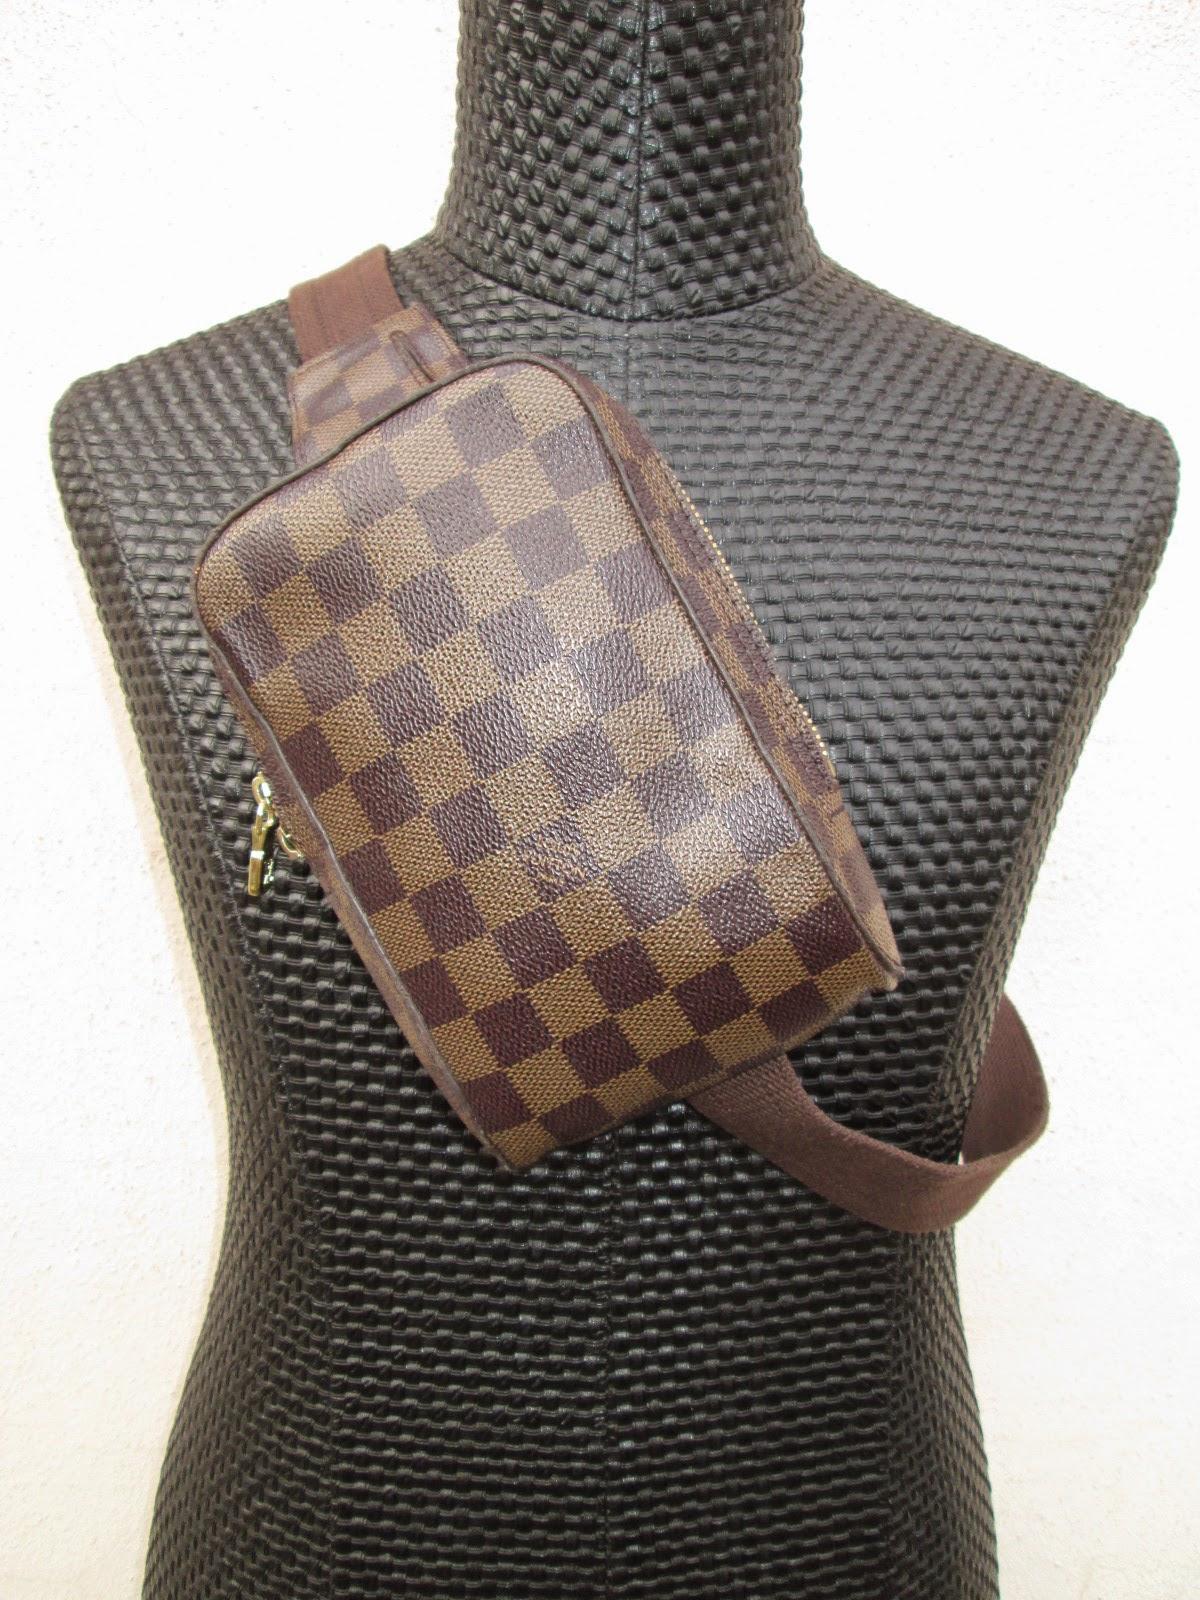 d0rayakEEbaG  Louis Vuitton Damier Ebene Geronimos Belt Bag(SOLD) 16d2370a712a8